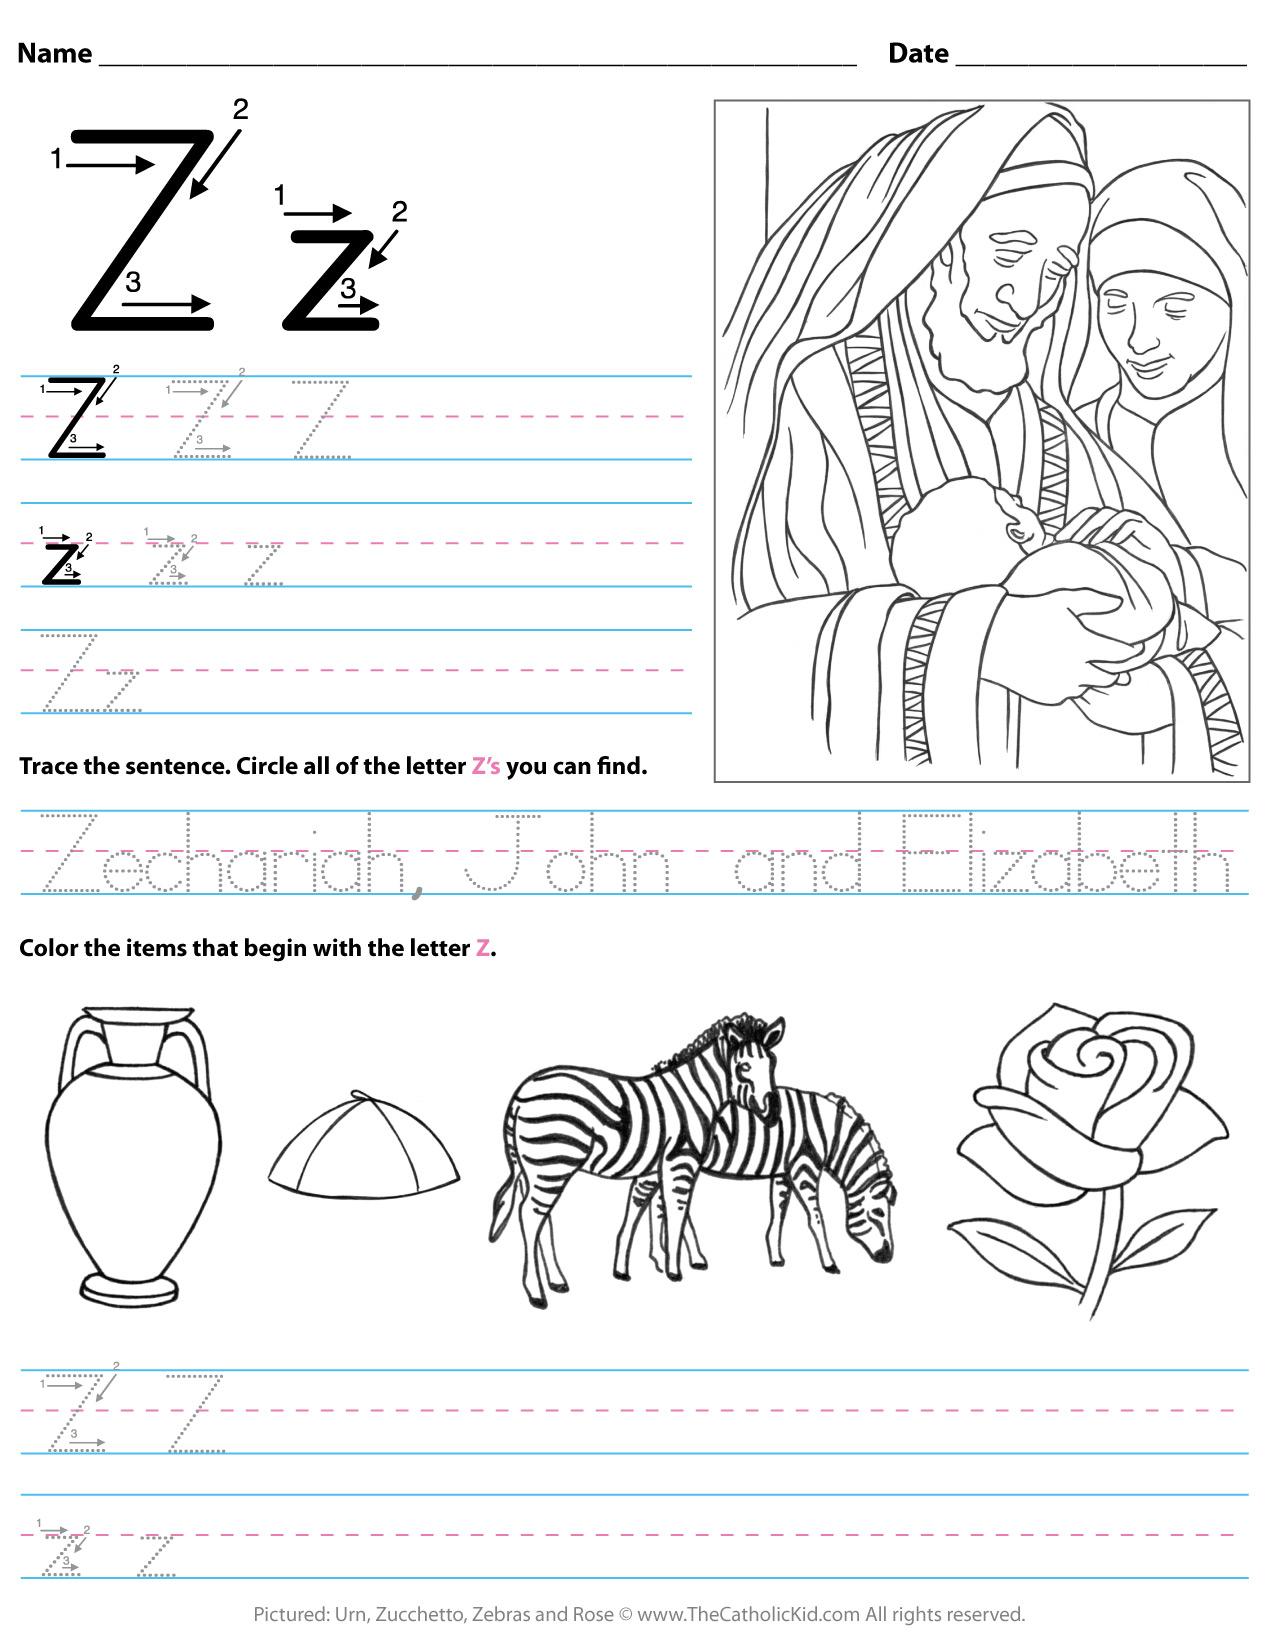 Catholic Alphabet Letter Z Worksheet Preschool Kindergarten pertaining to Letter Z Worksheets For Preschool